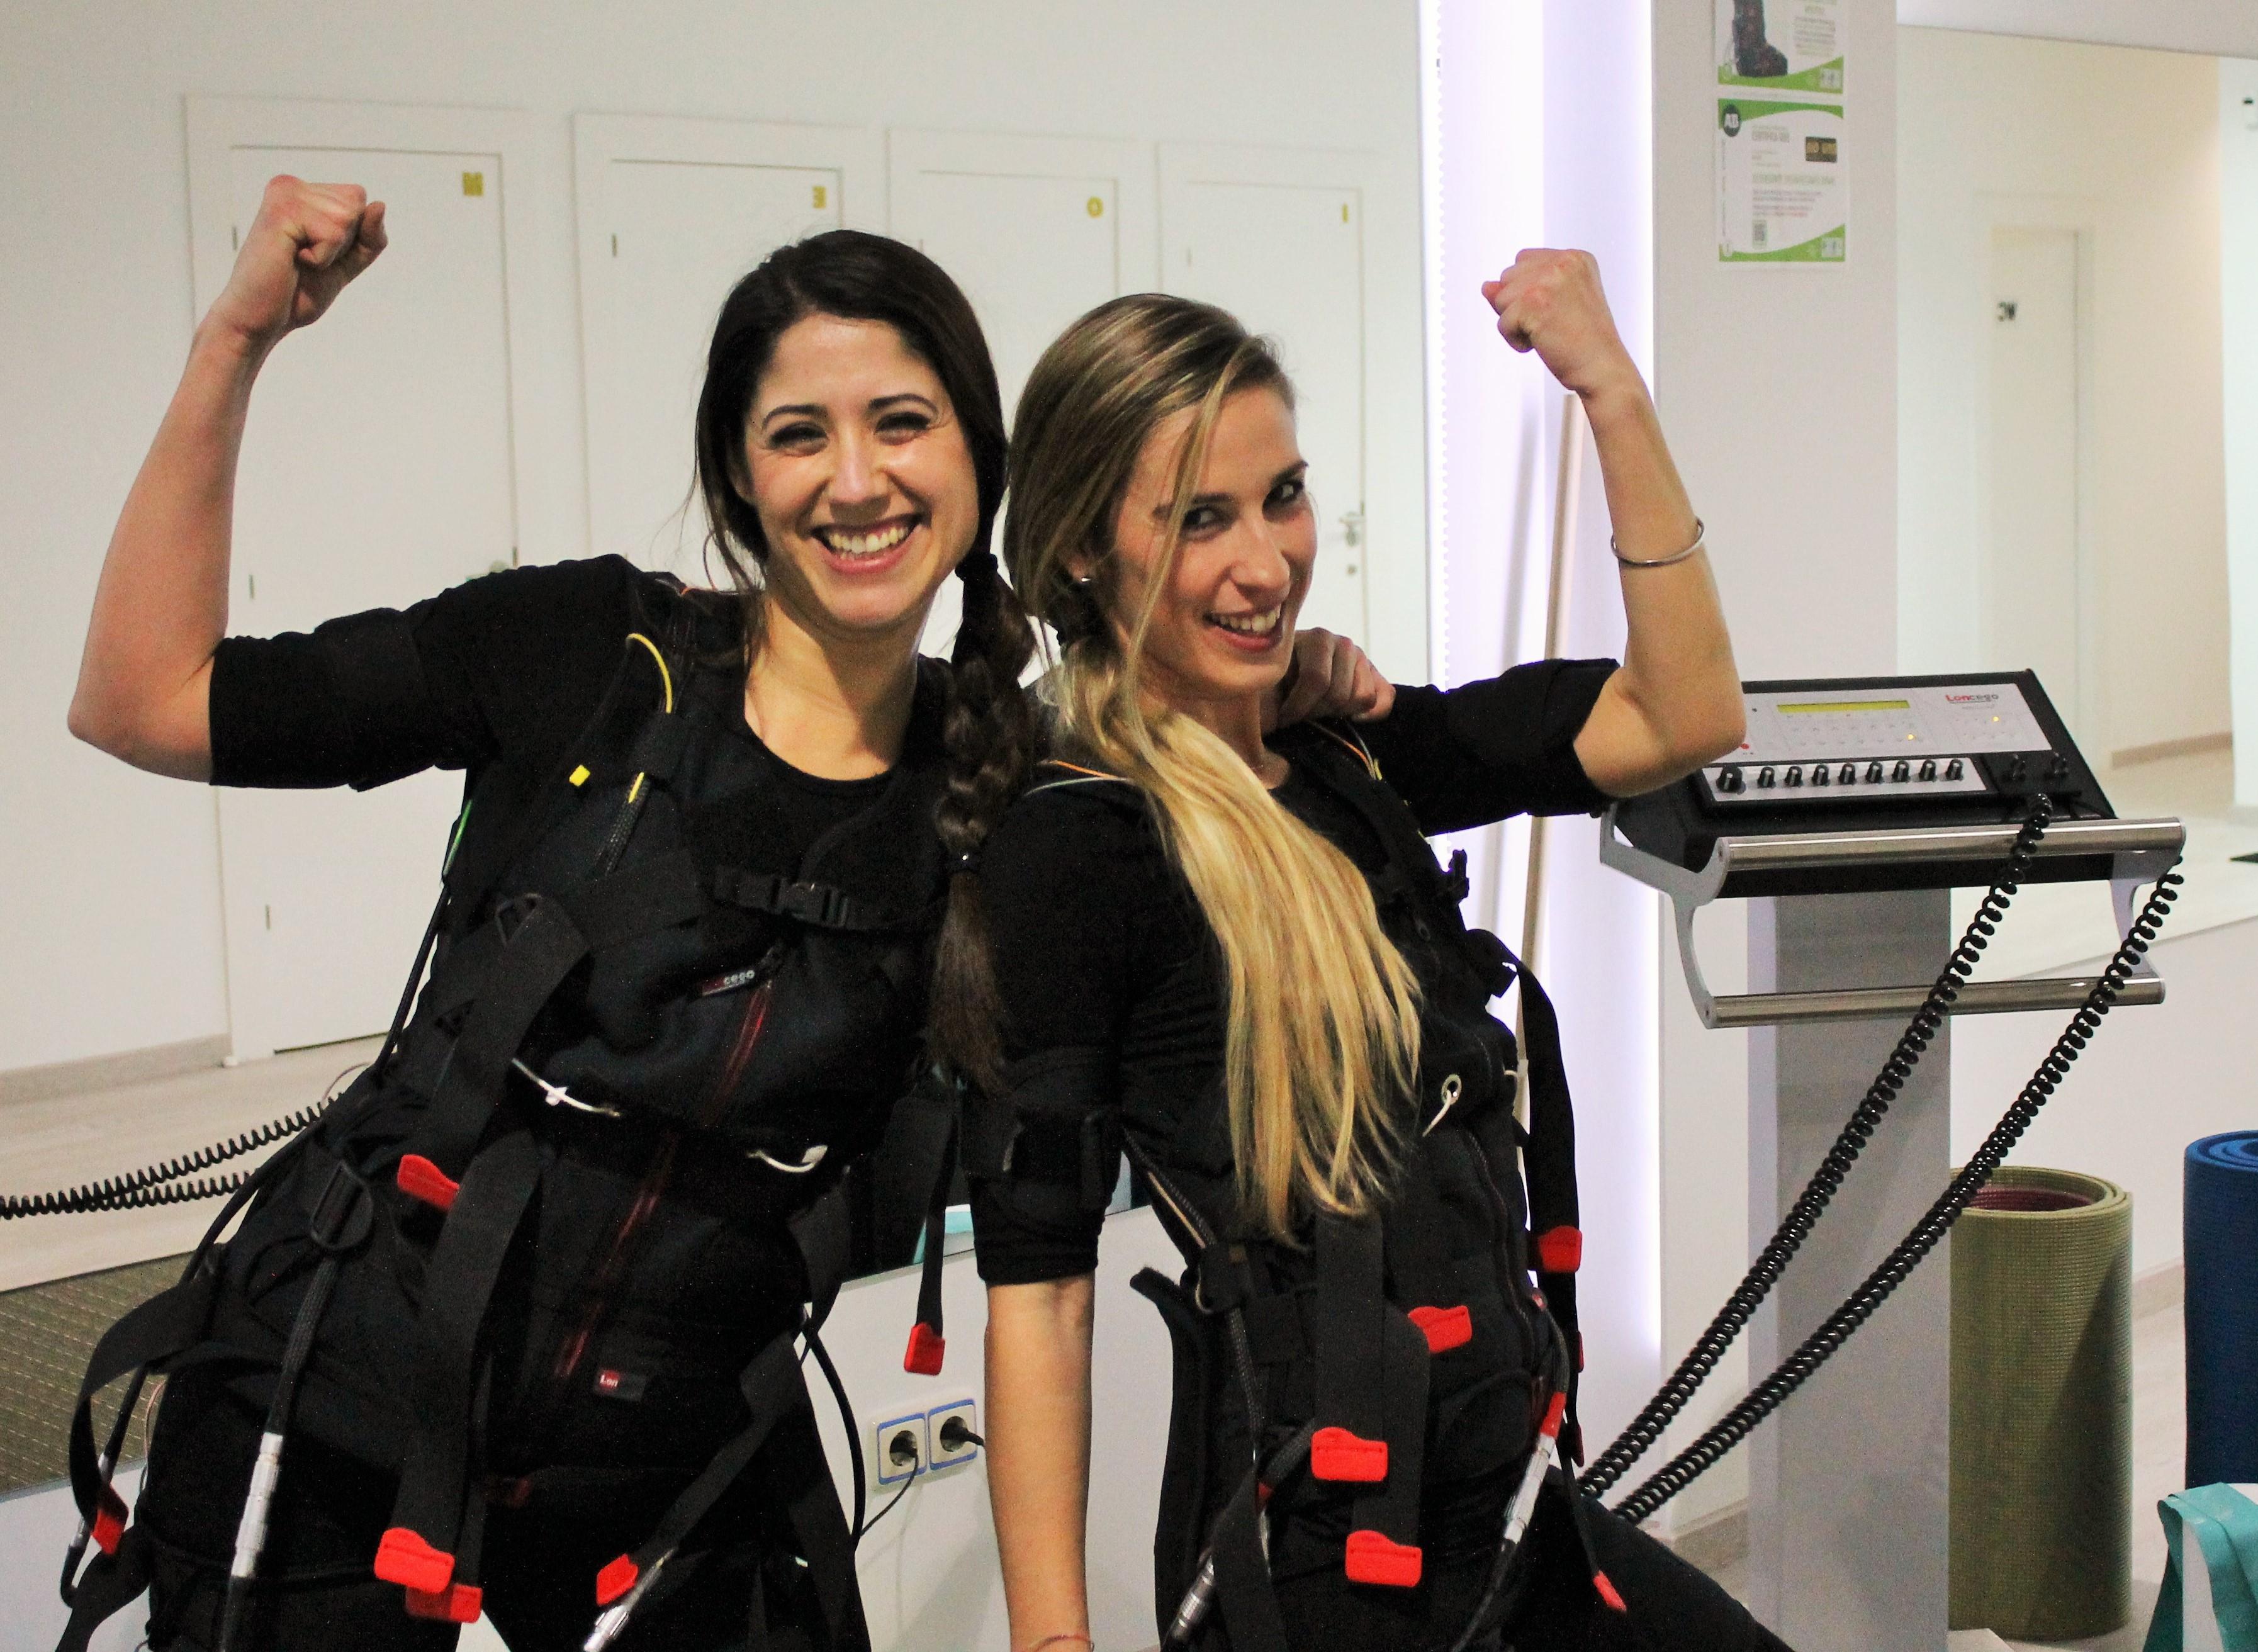 Entrenamiento con electroestimulación muscular en Bio Ems Alicante